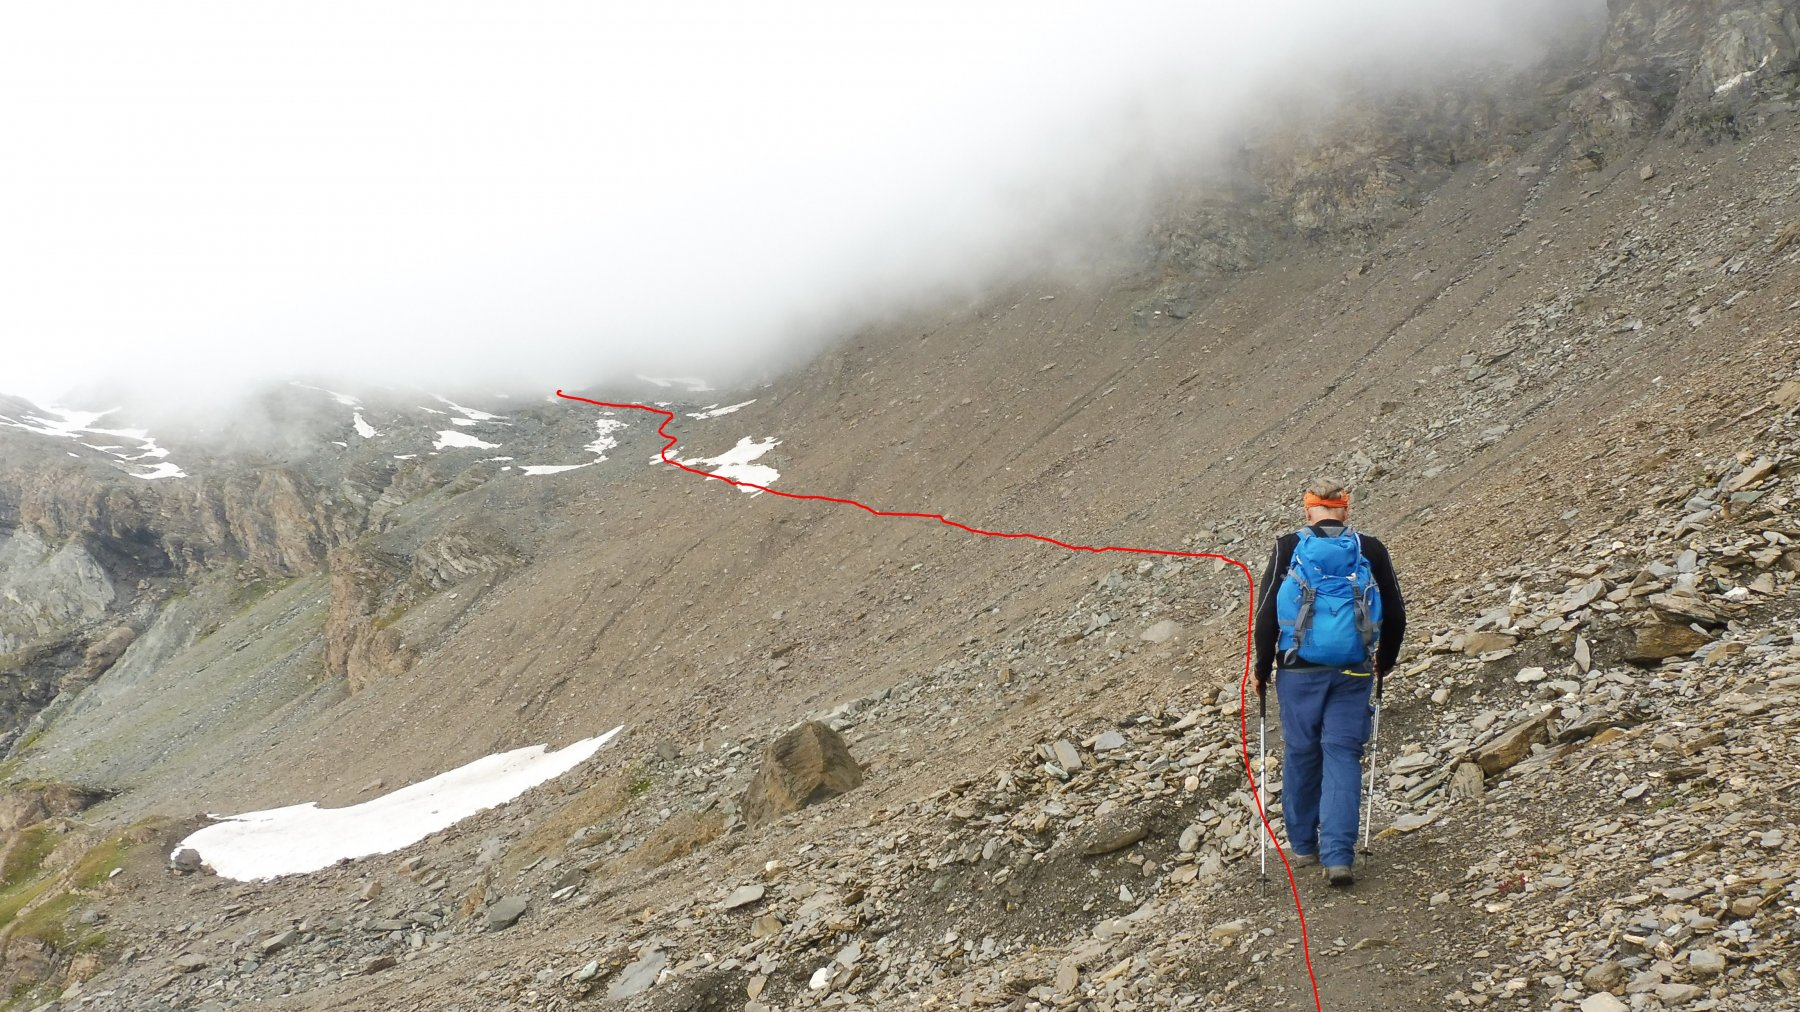 In rosso la traccia di salita che traversa verso le rocce moreniche.